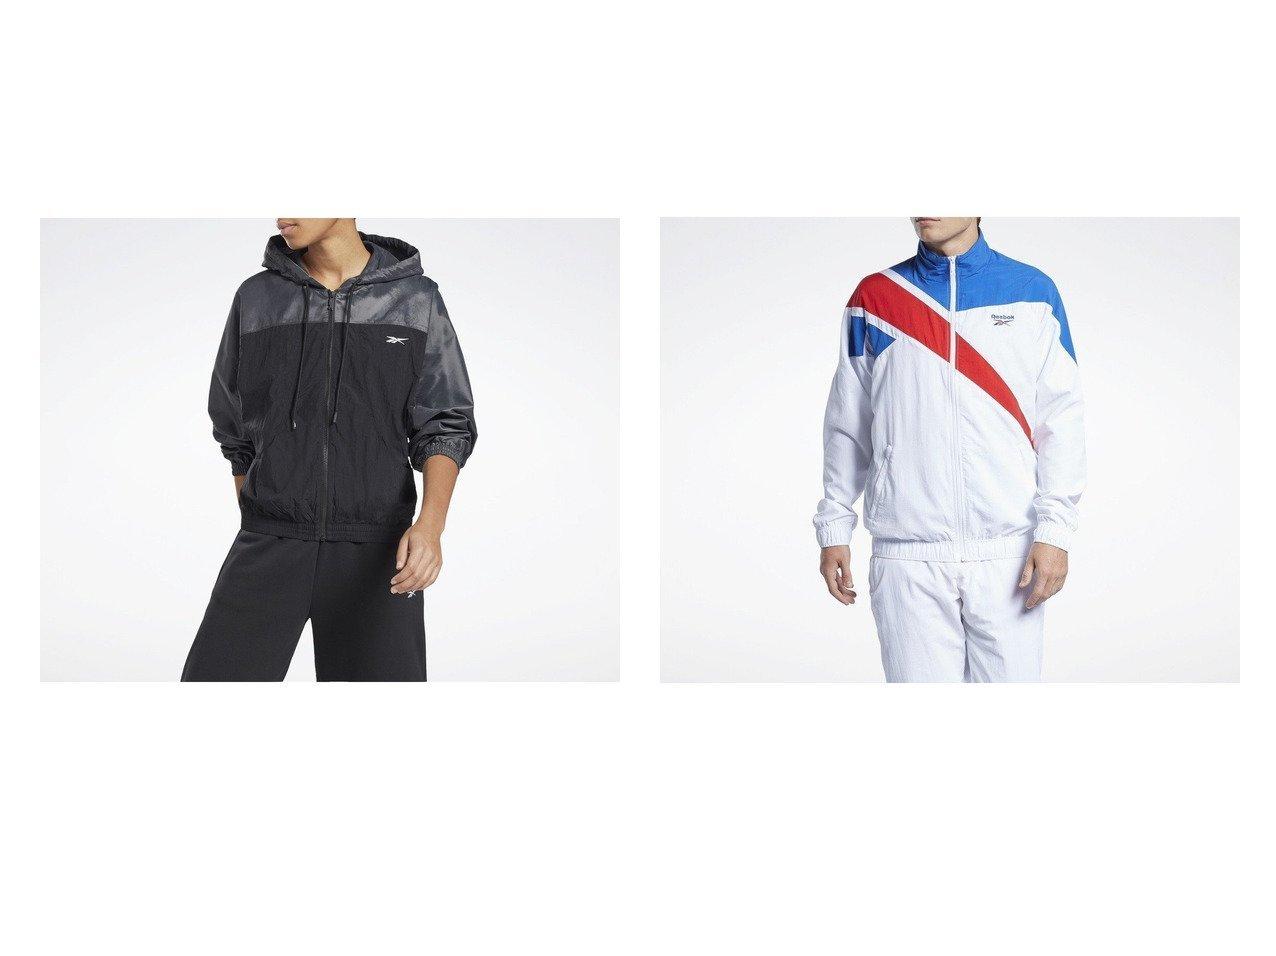 【Reebok/リーボック】のシャイニー ウーブン ジャケット Shiny Woven Jacket&クラシックス ベクター トラック ジャケット Classics Vector Track Jacket アウターのおすすめ!人気、トレンド・レディースファッションの通販 おすすめで人気の流行・トレンド、ファッションの通販商品 メンズファッション・キッズファッション・インテリア・家具・レディースファッション・服の通販 founy(ファニー) https://founy.com/ ファッション Fashion レディースファッション WOMEN アウター Coat Outerwear ジャケット Jackets シャイニー ジャケット ストレッチ テクスチャー フィット フロント ポケット リラックス 軽量 なめらか スタンド レギュラー |ID:crp329100000016364